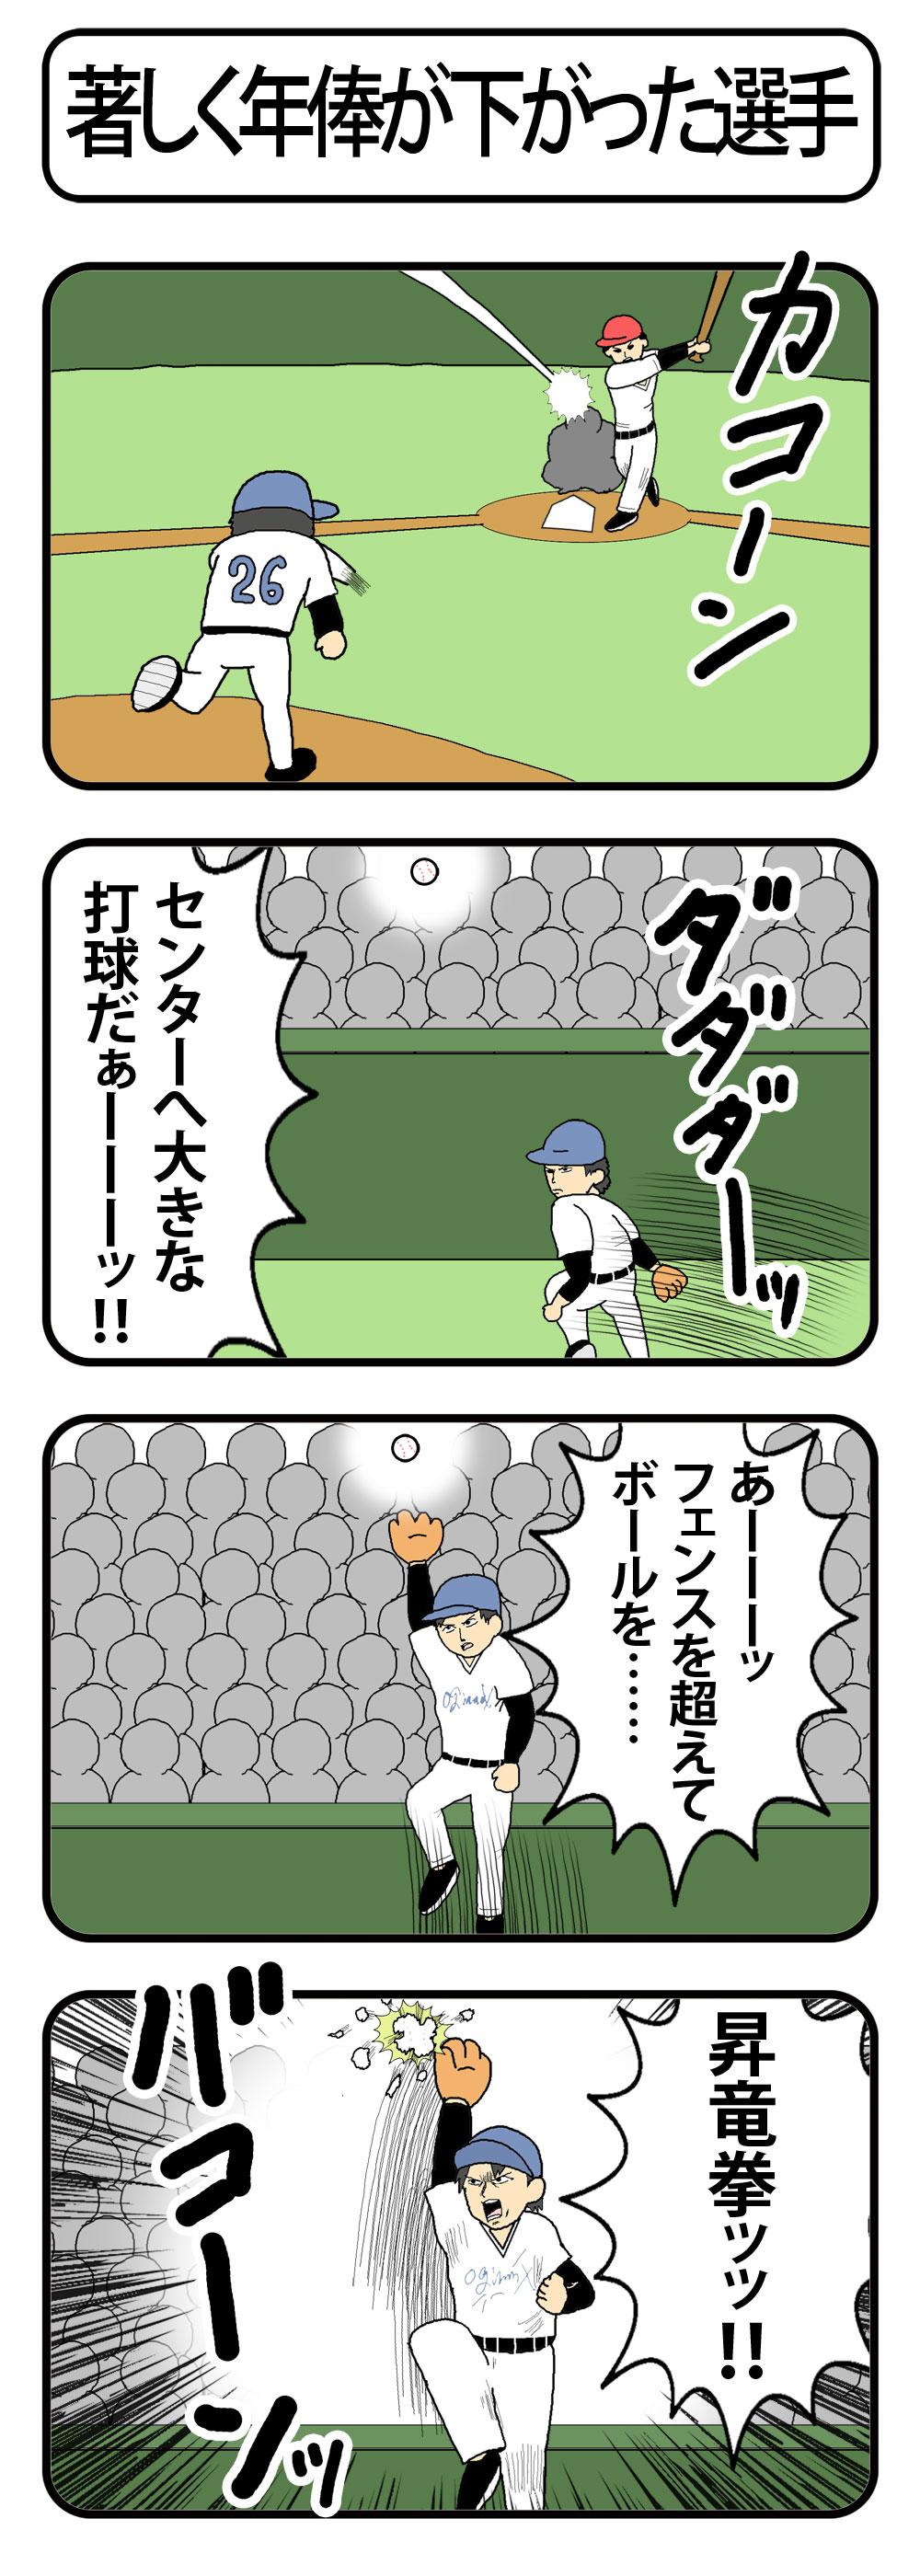 ③スーパーキャッチc